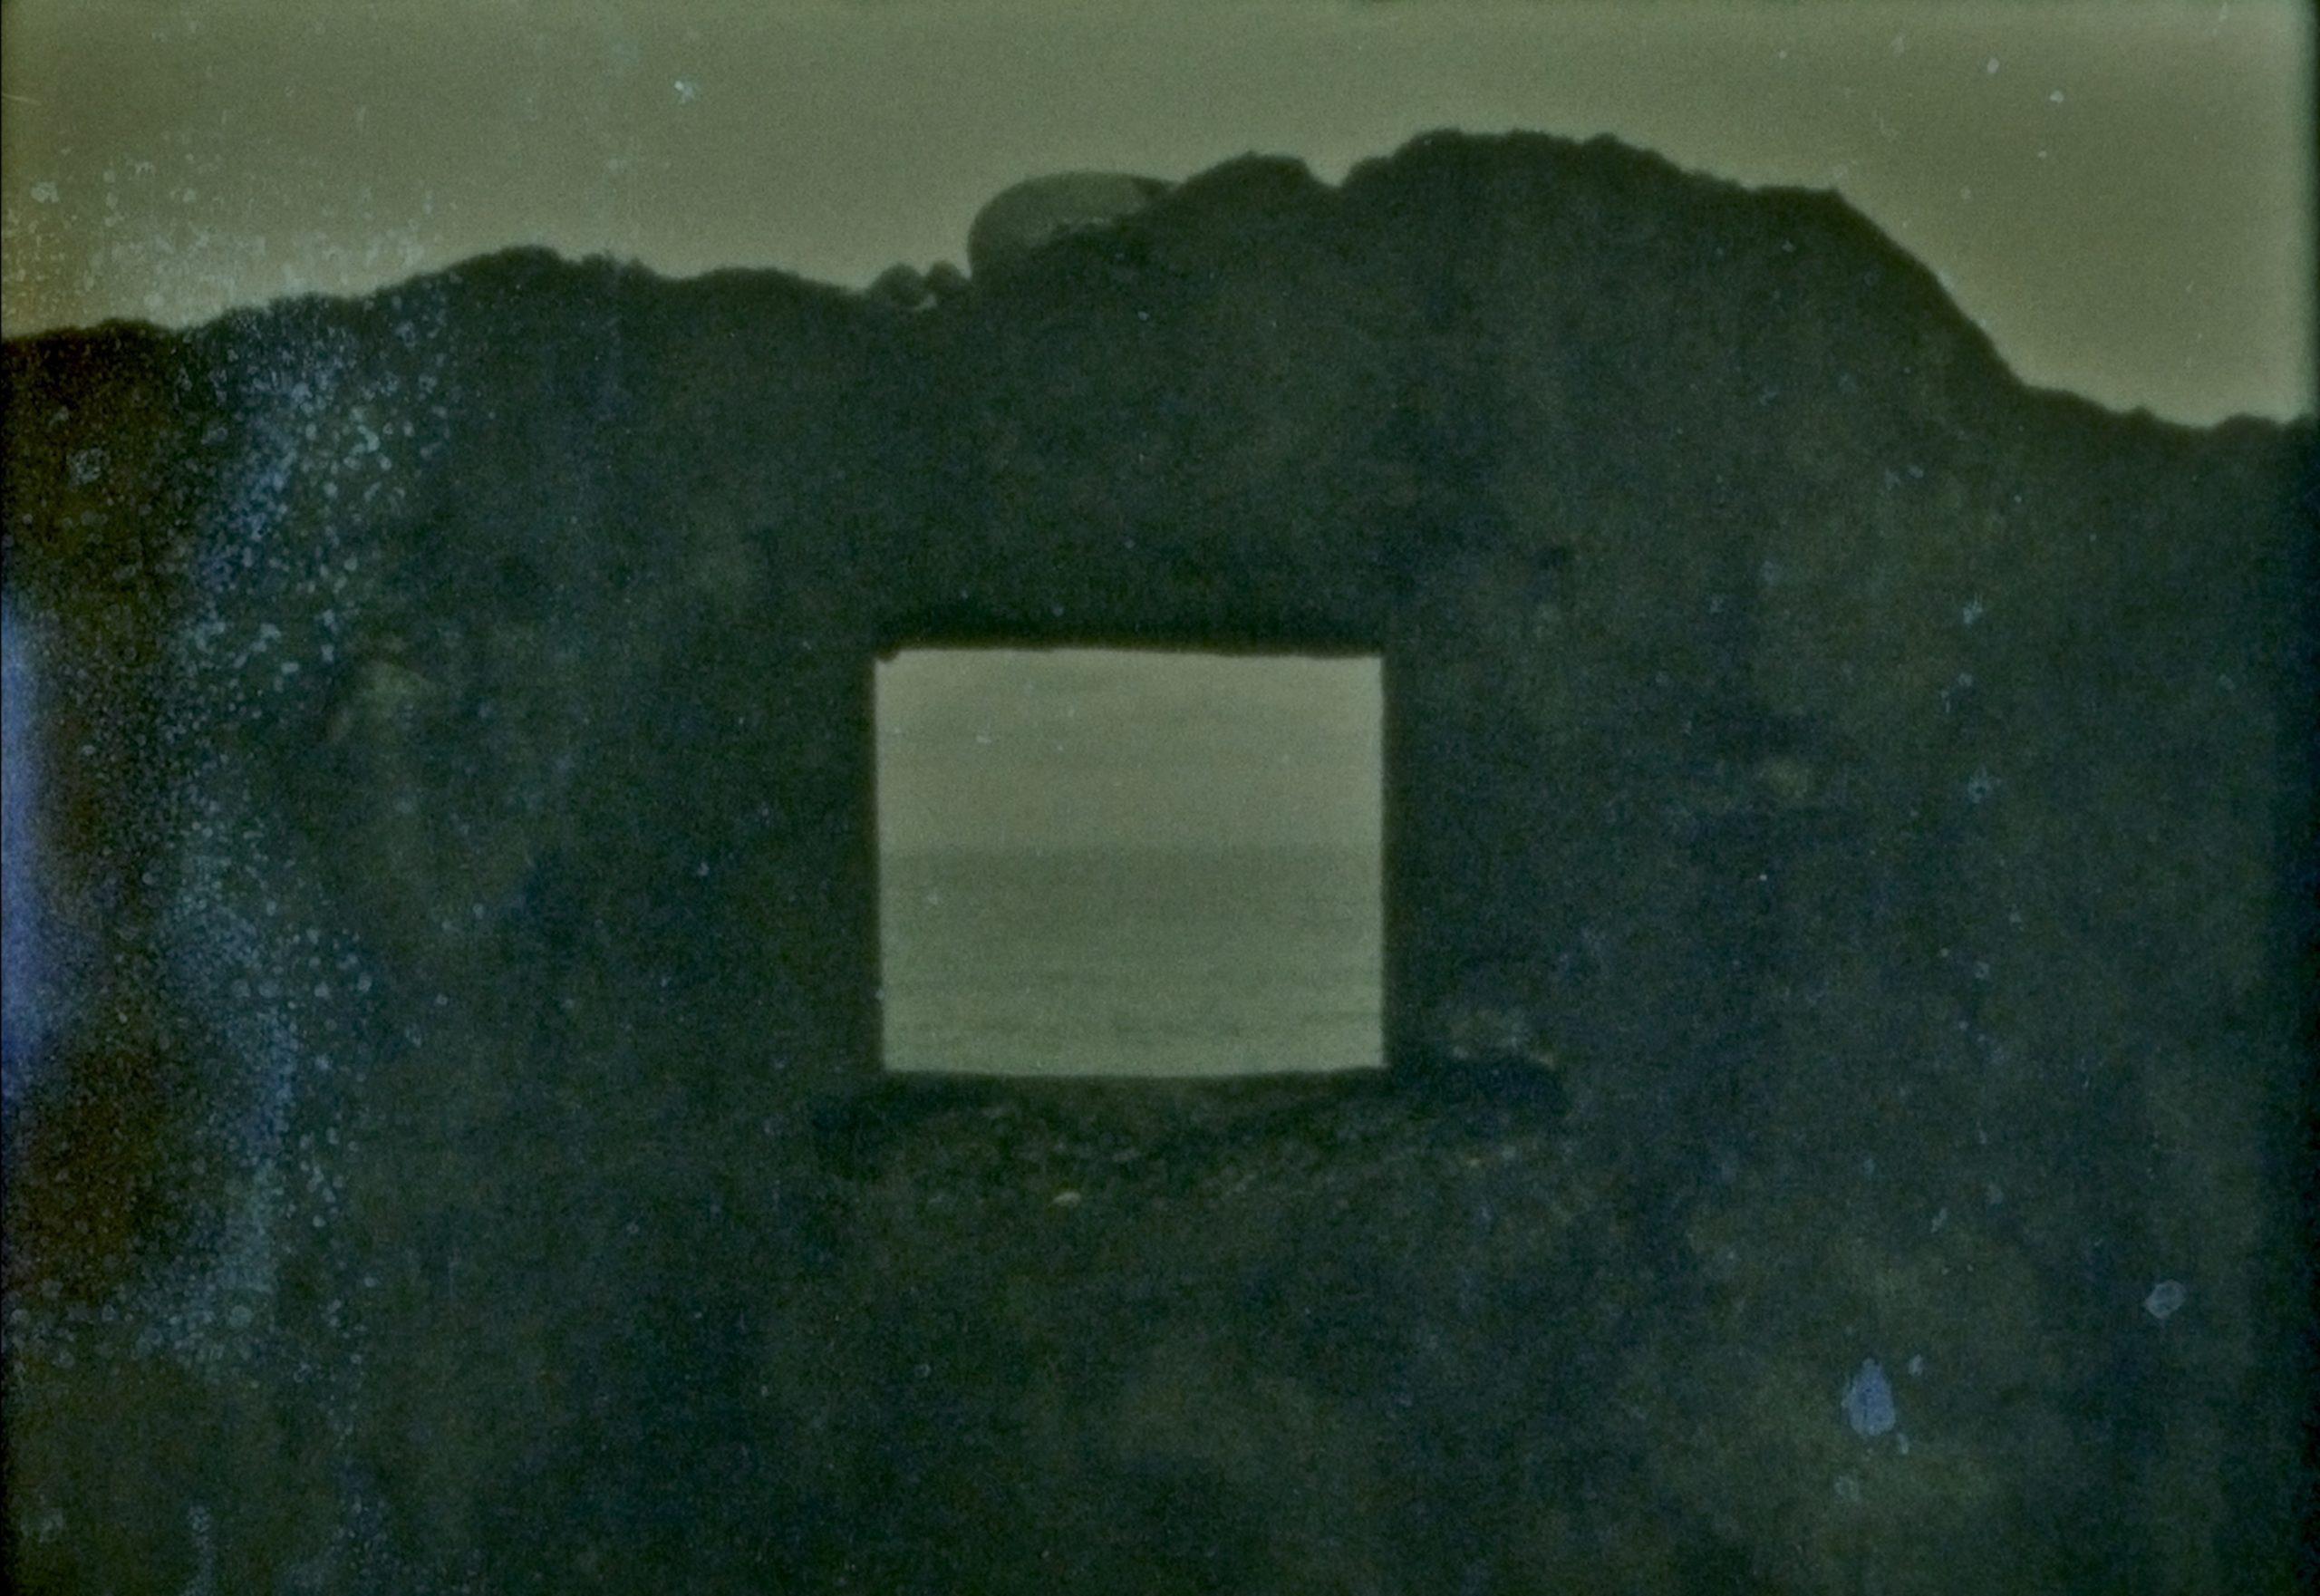 A dark rock like shape with a window hole in it